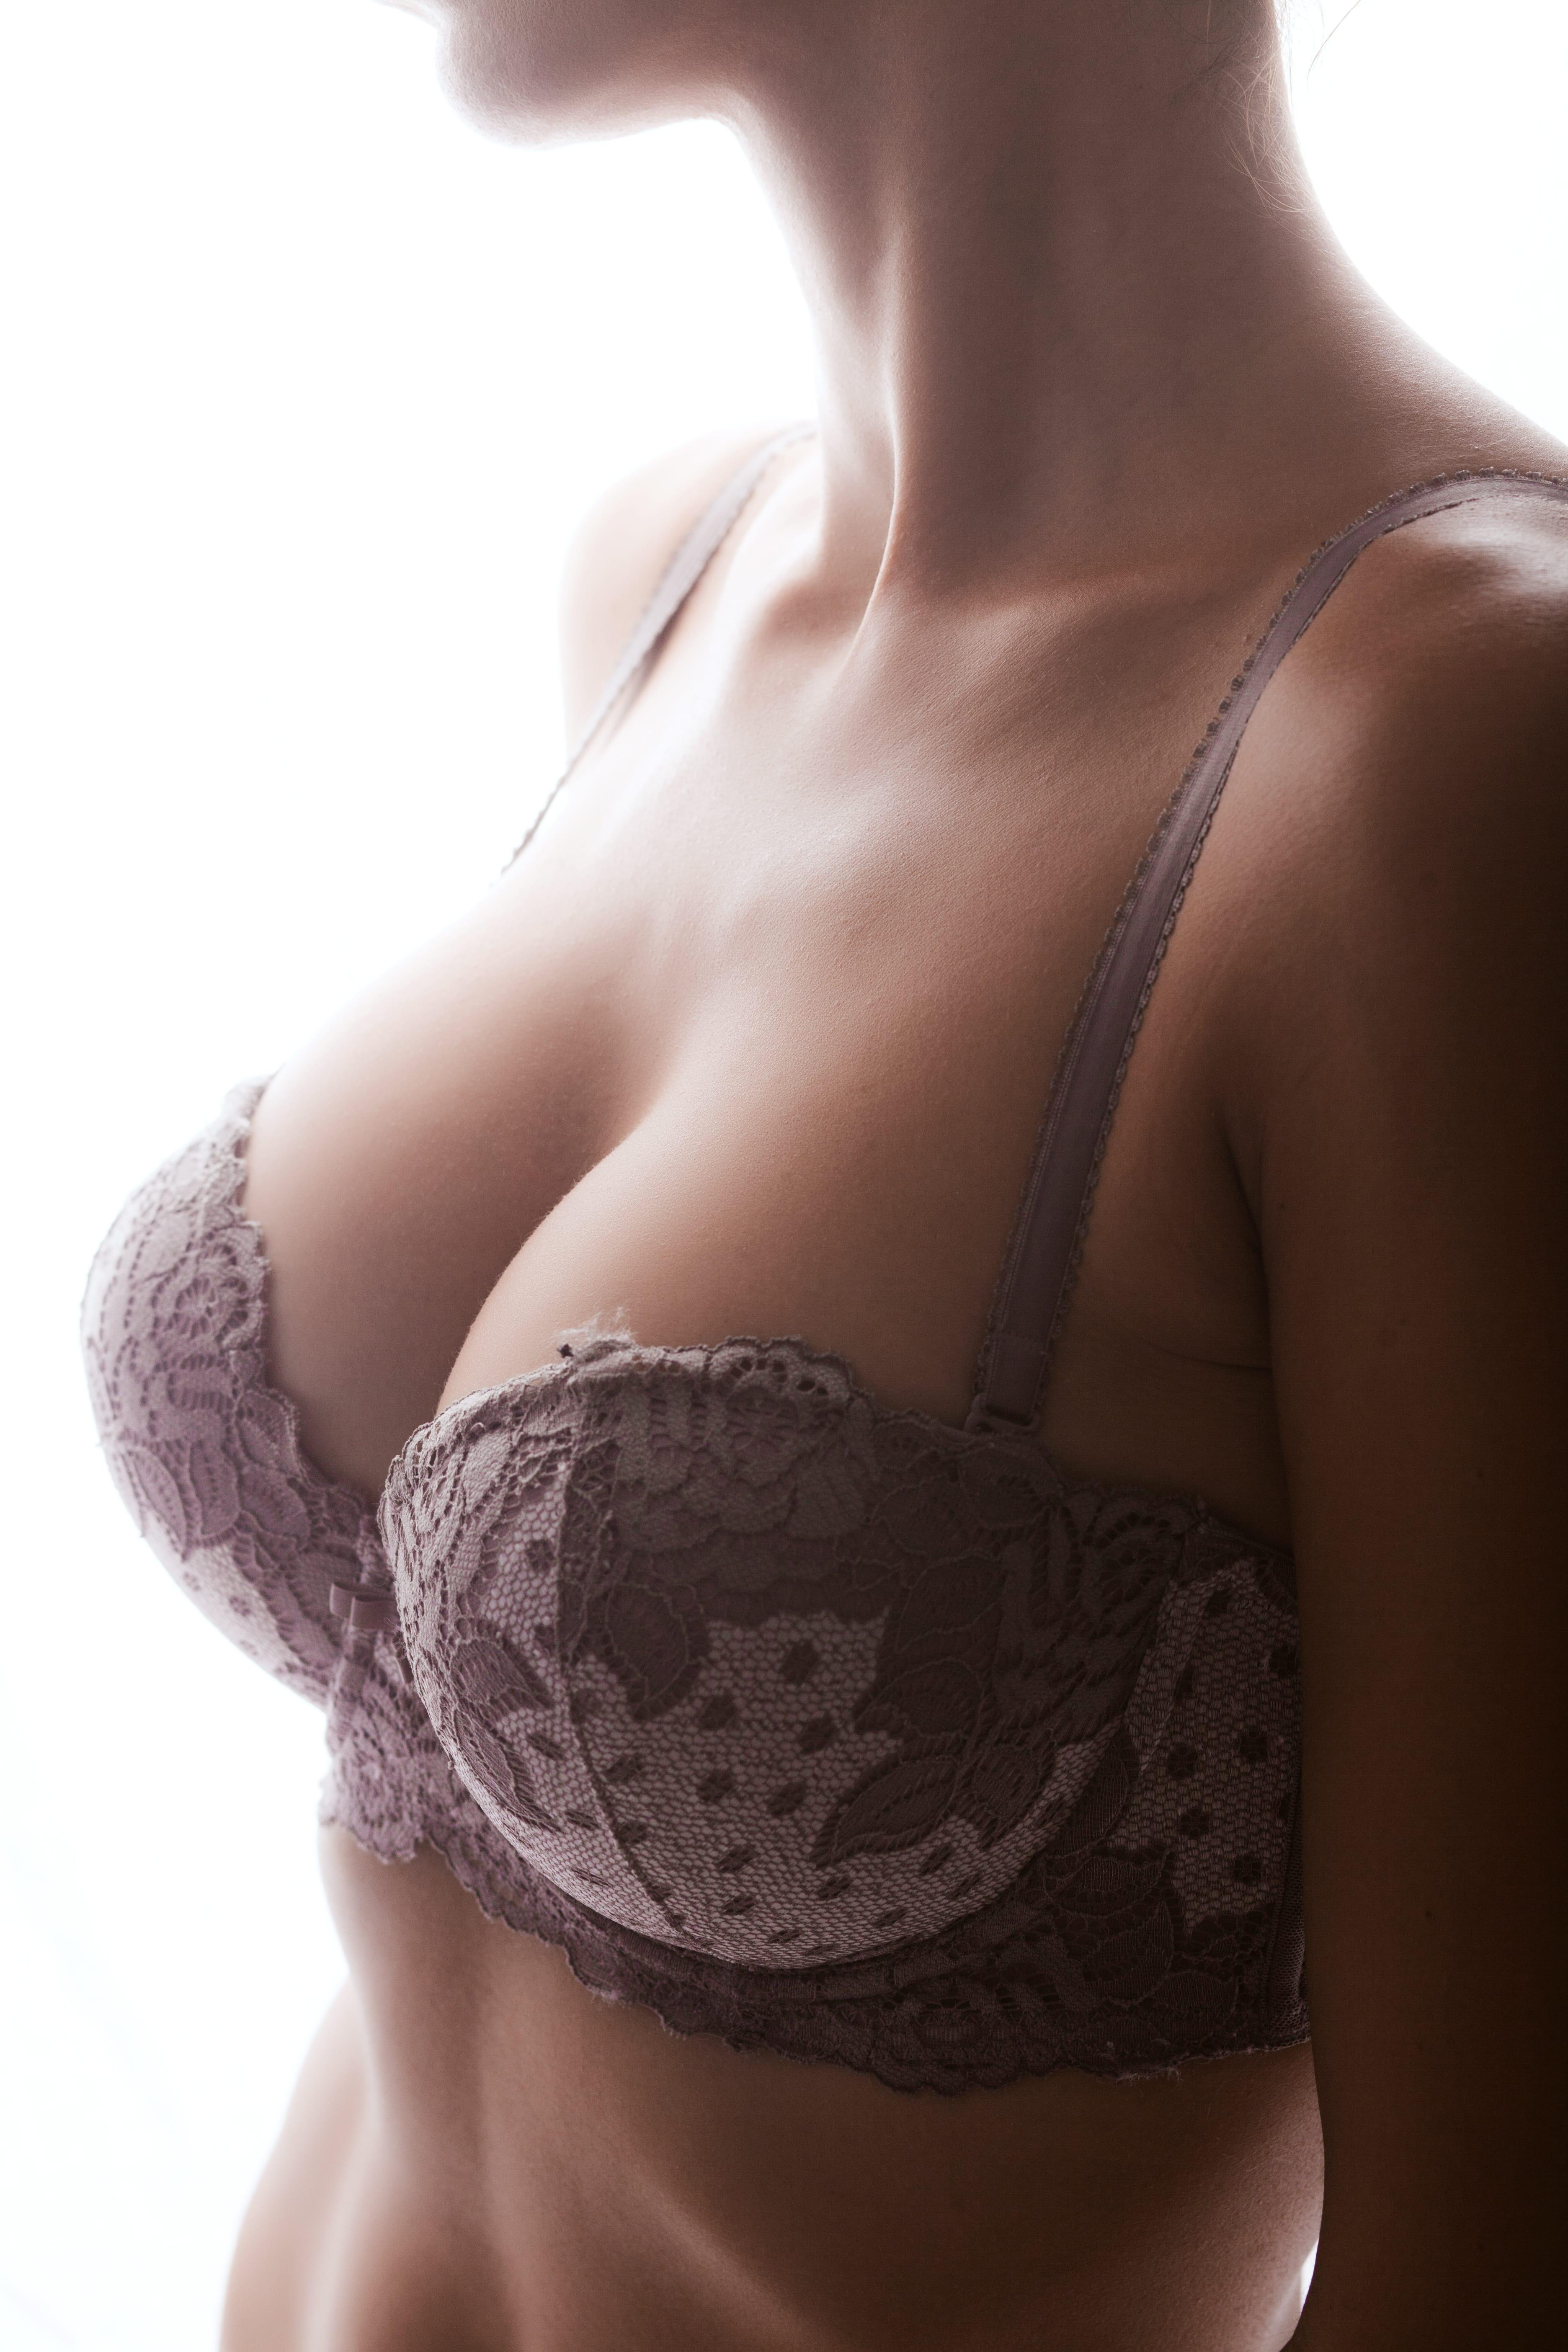 Real fake breasts